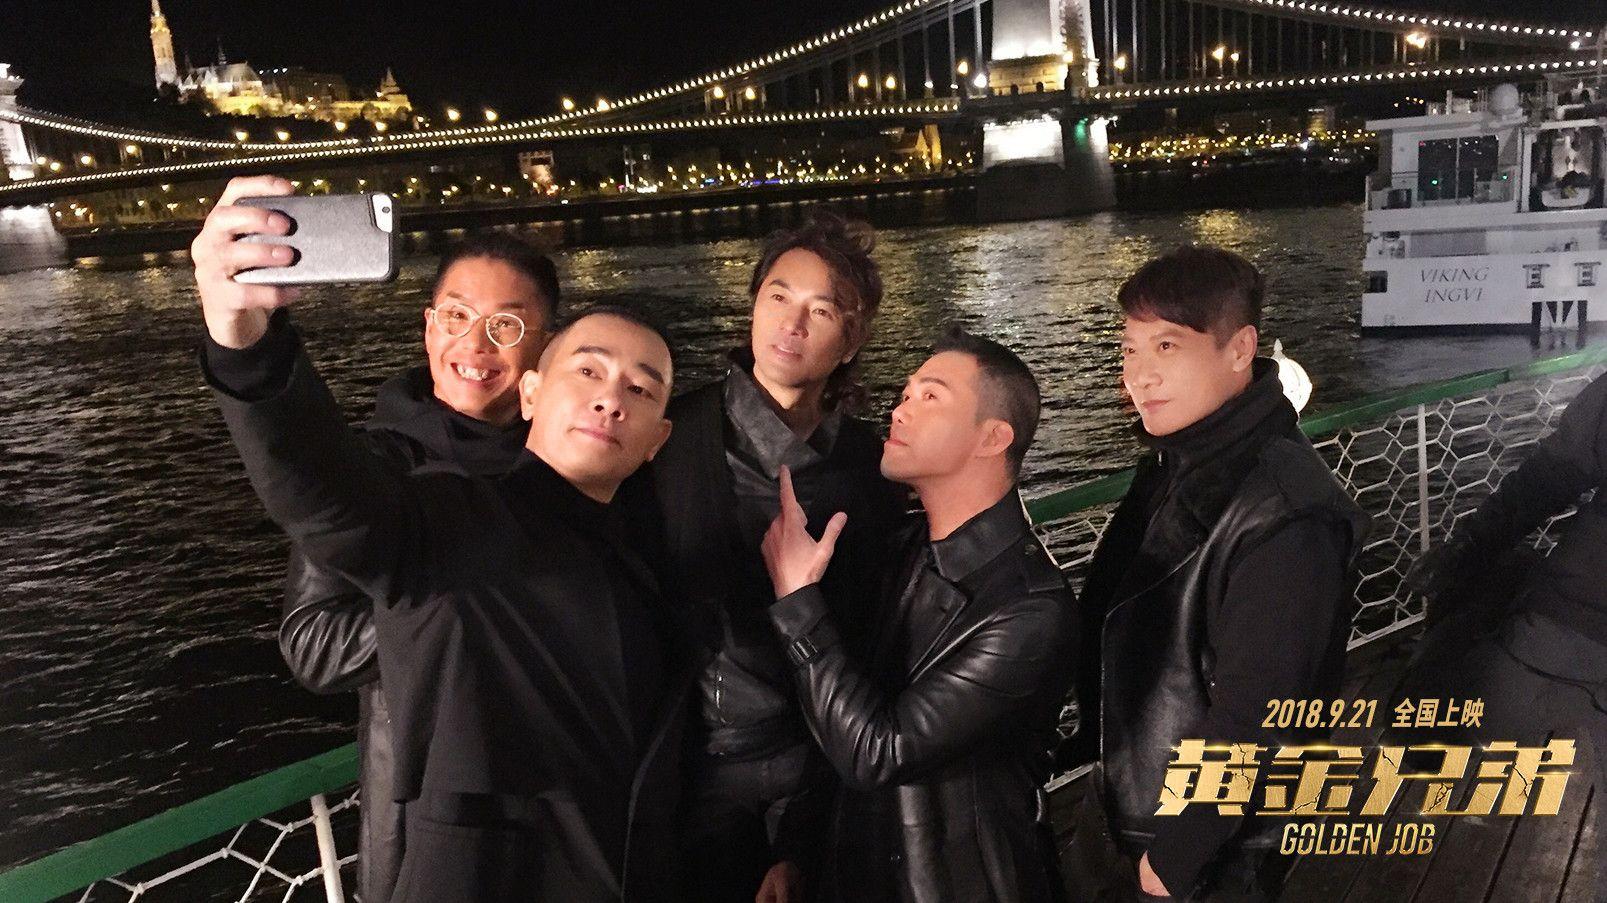 《黃金兄弟》曝推廣曲《歲月友情》,成龍御用音樂團隊傾力支持